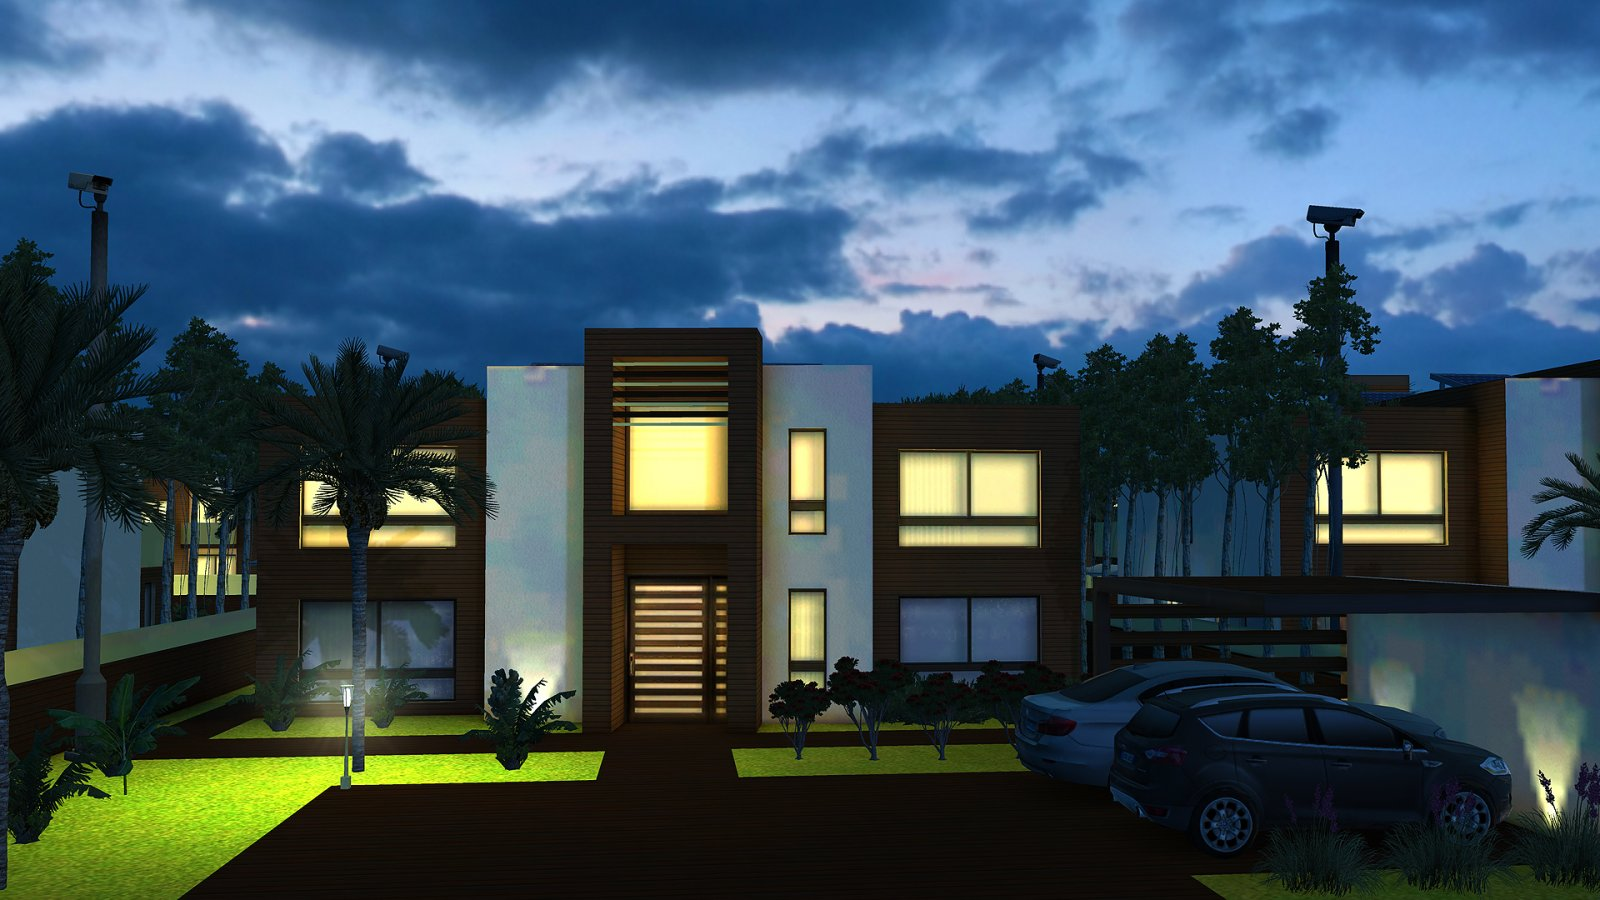 house3_2.jpg